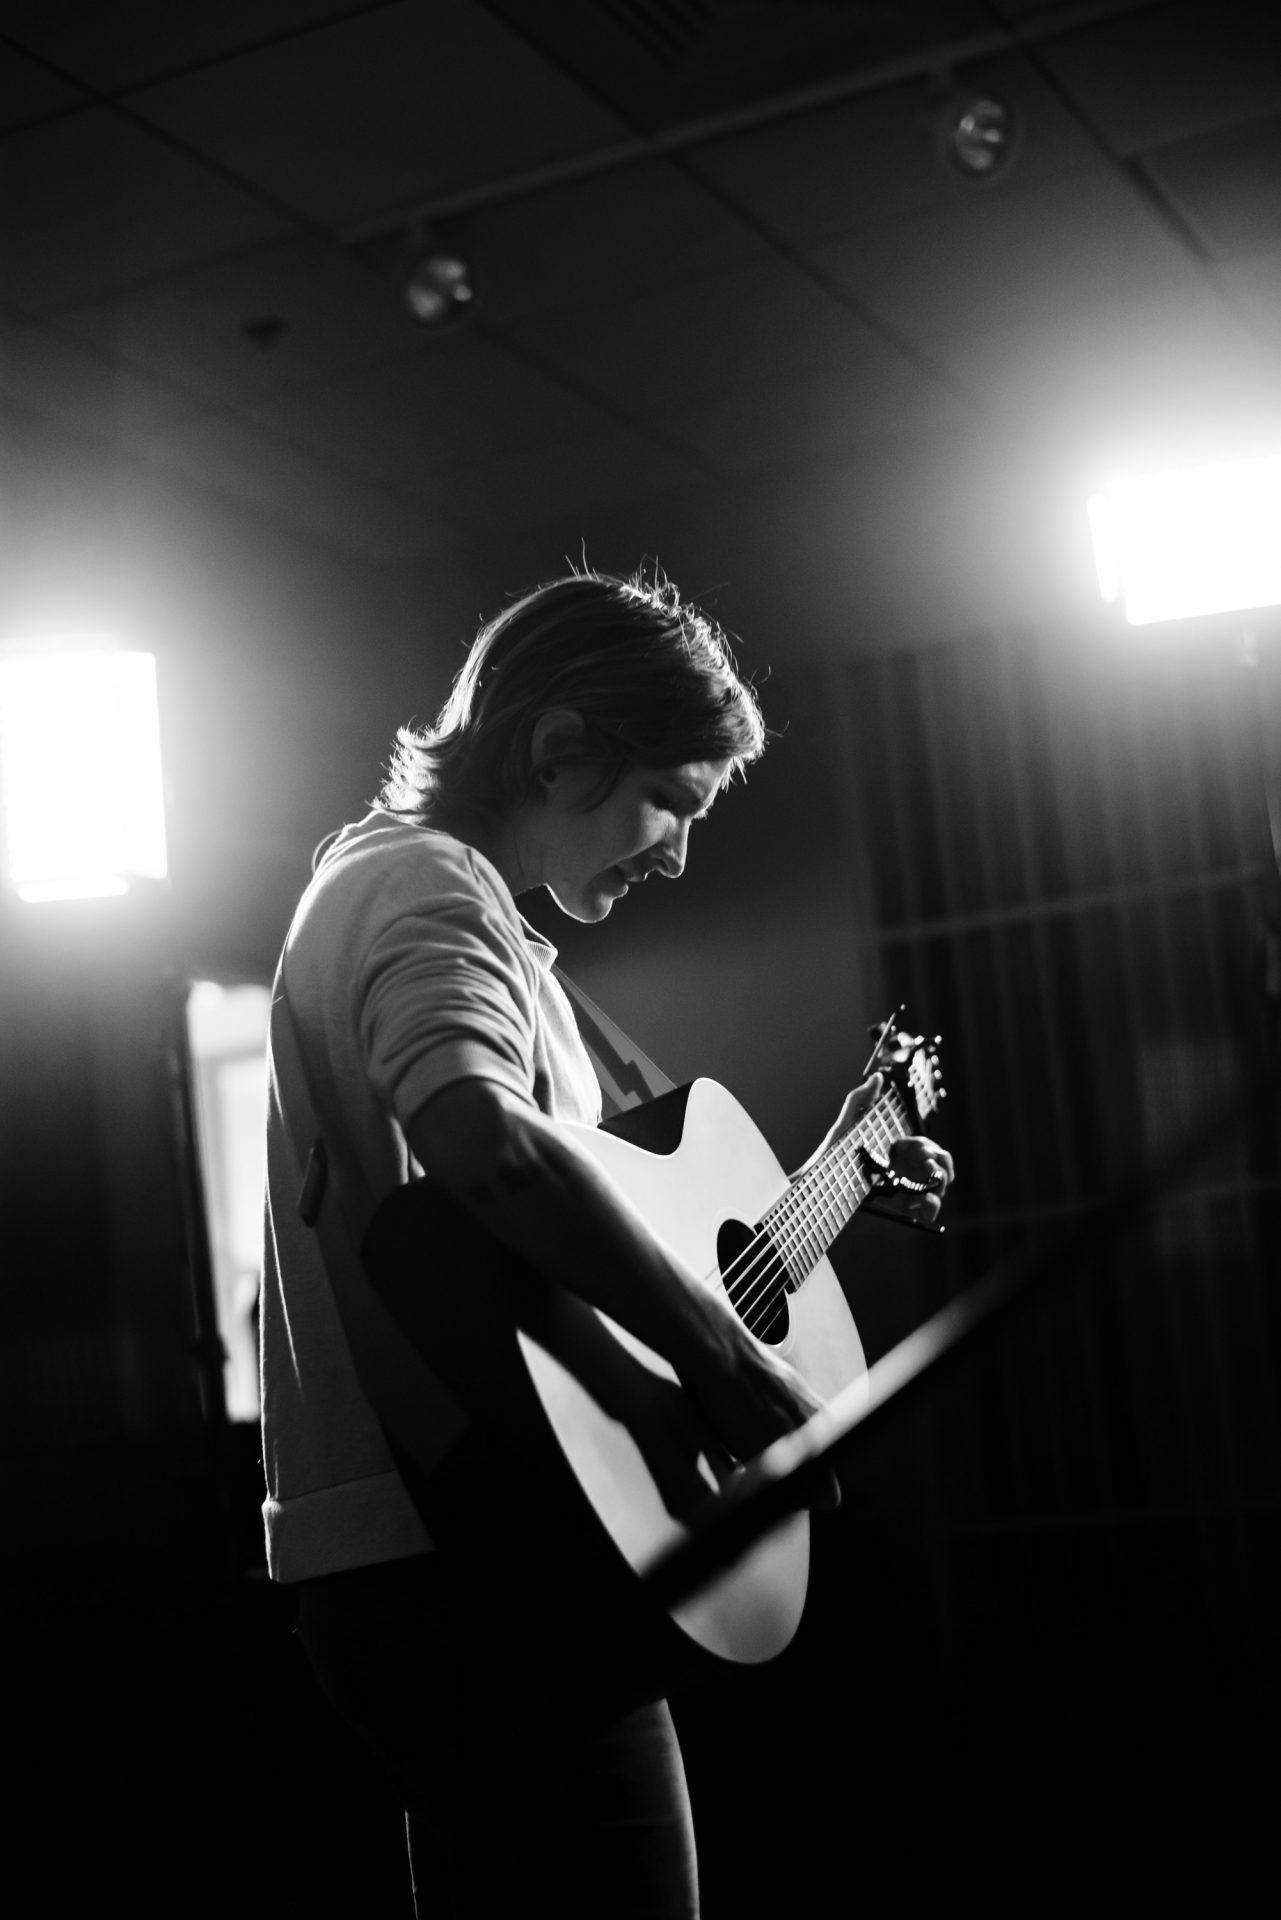 Sarah Fiore playing guitar